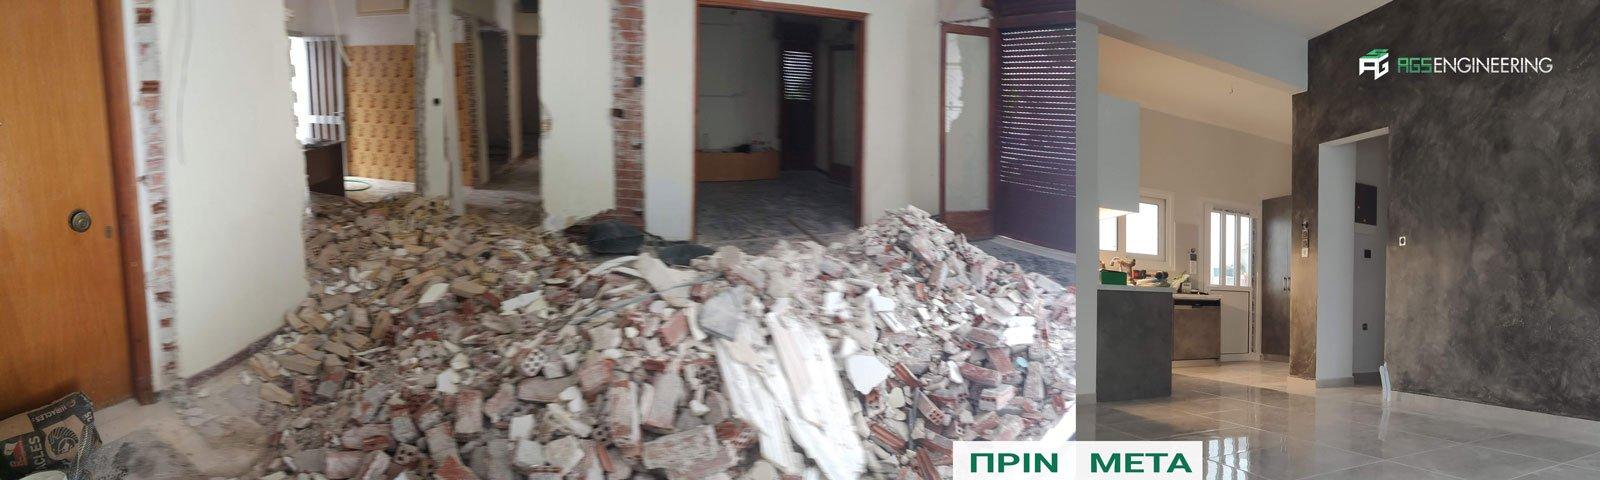 Ολική ανακαίνιση σπιτιού στον Κορυδαλλό